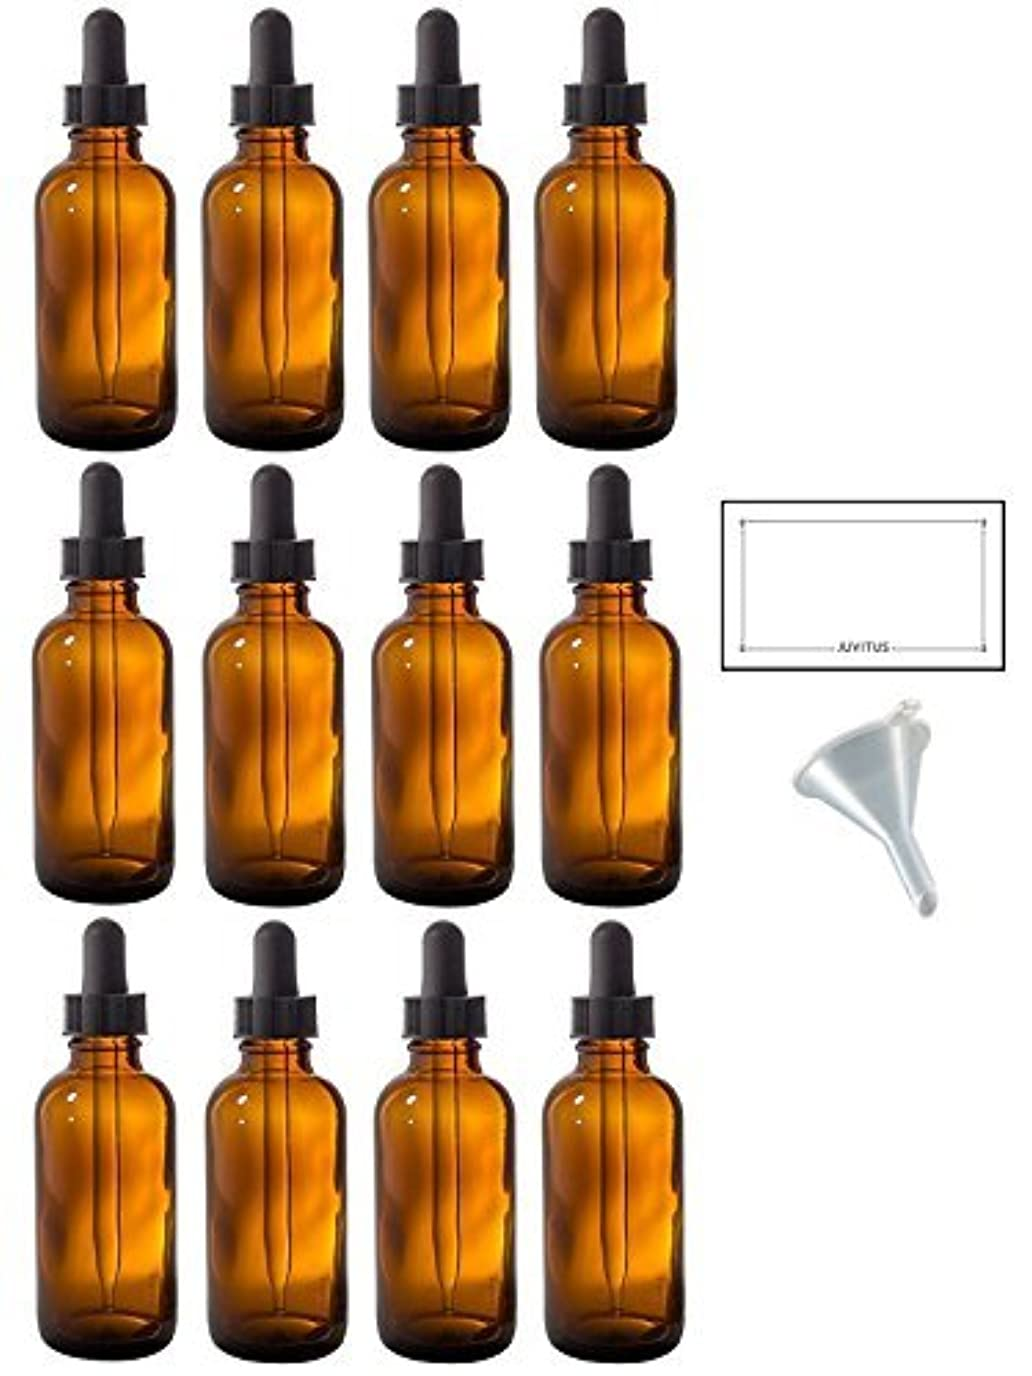 だらしない農場クライアント2 oz Amber Glass Boston Round Dropper Bottle (12 pack) + Funnel and Labels for essential oils, aromatherapy, e-liquid...